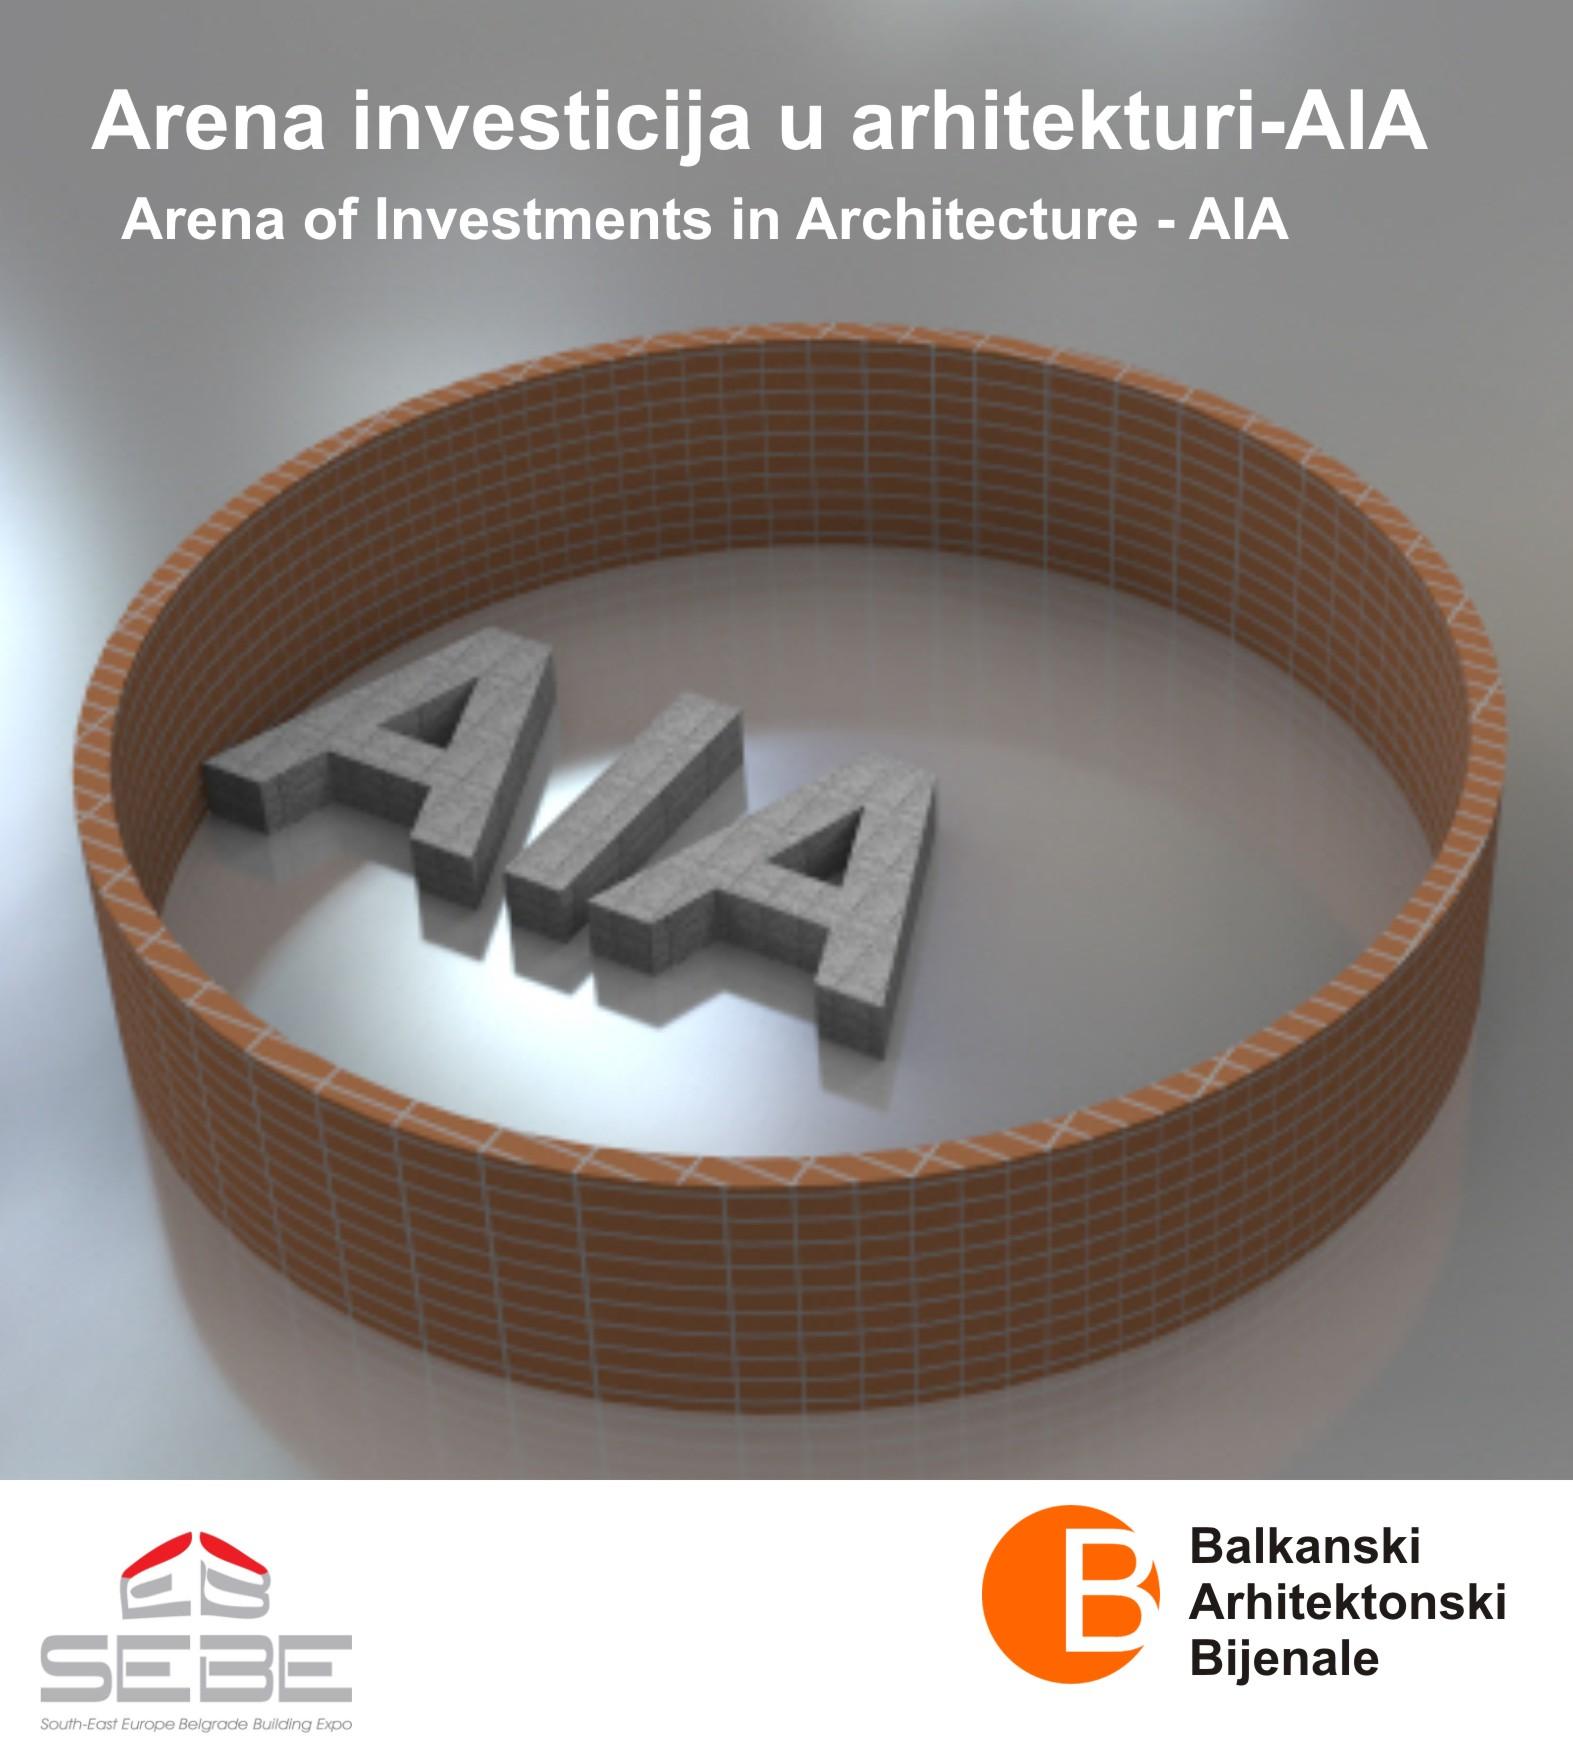 Arena investicija u arhitekturi i urbanizmu – AIA